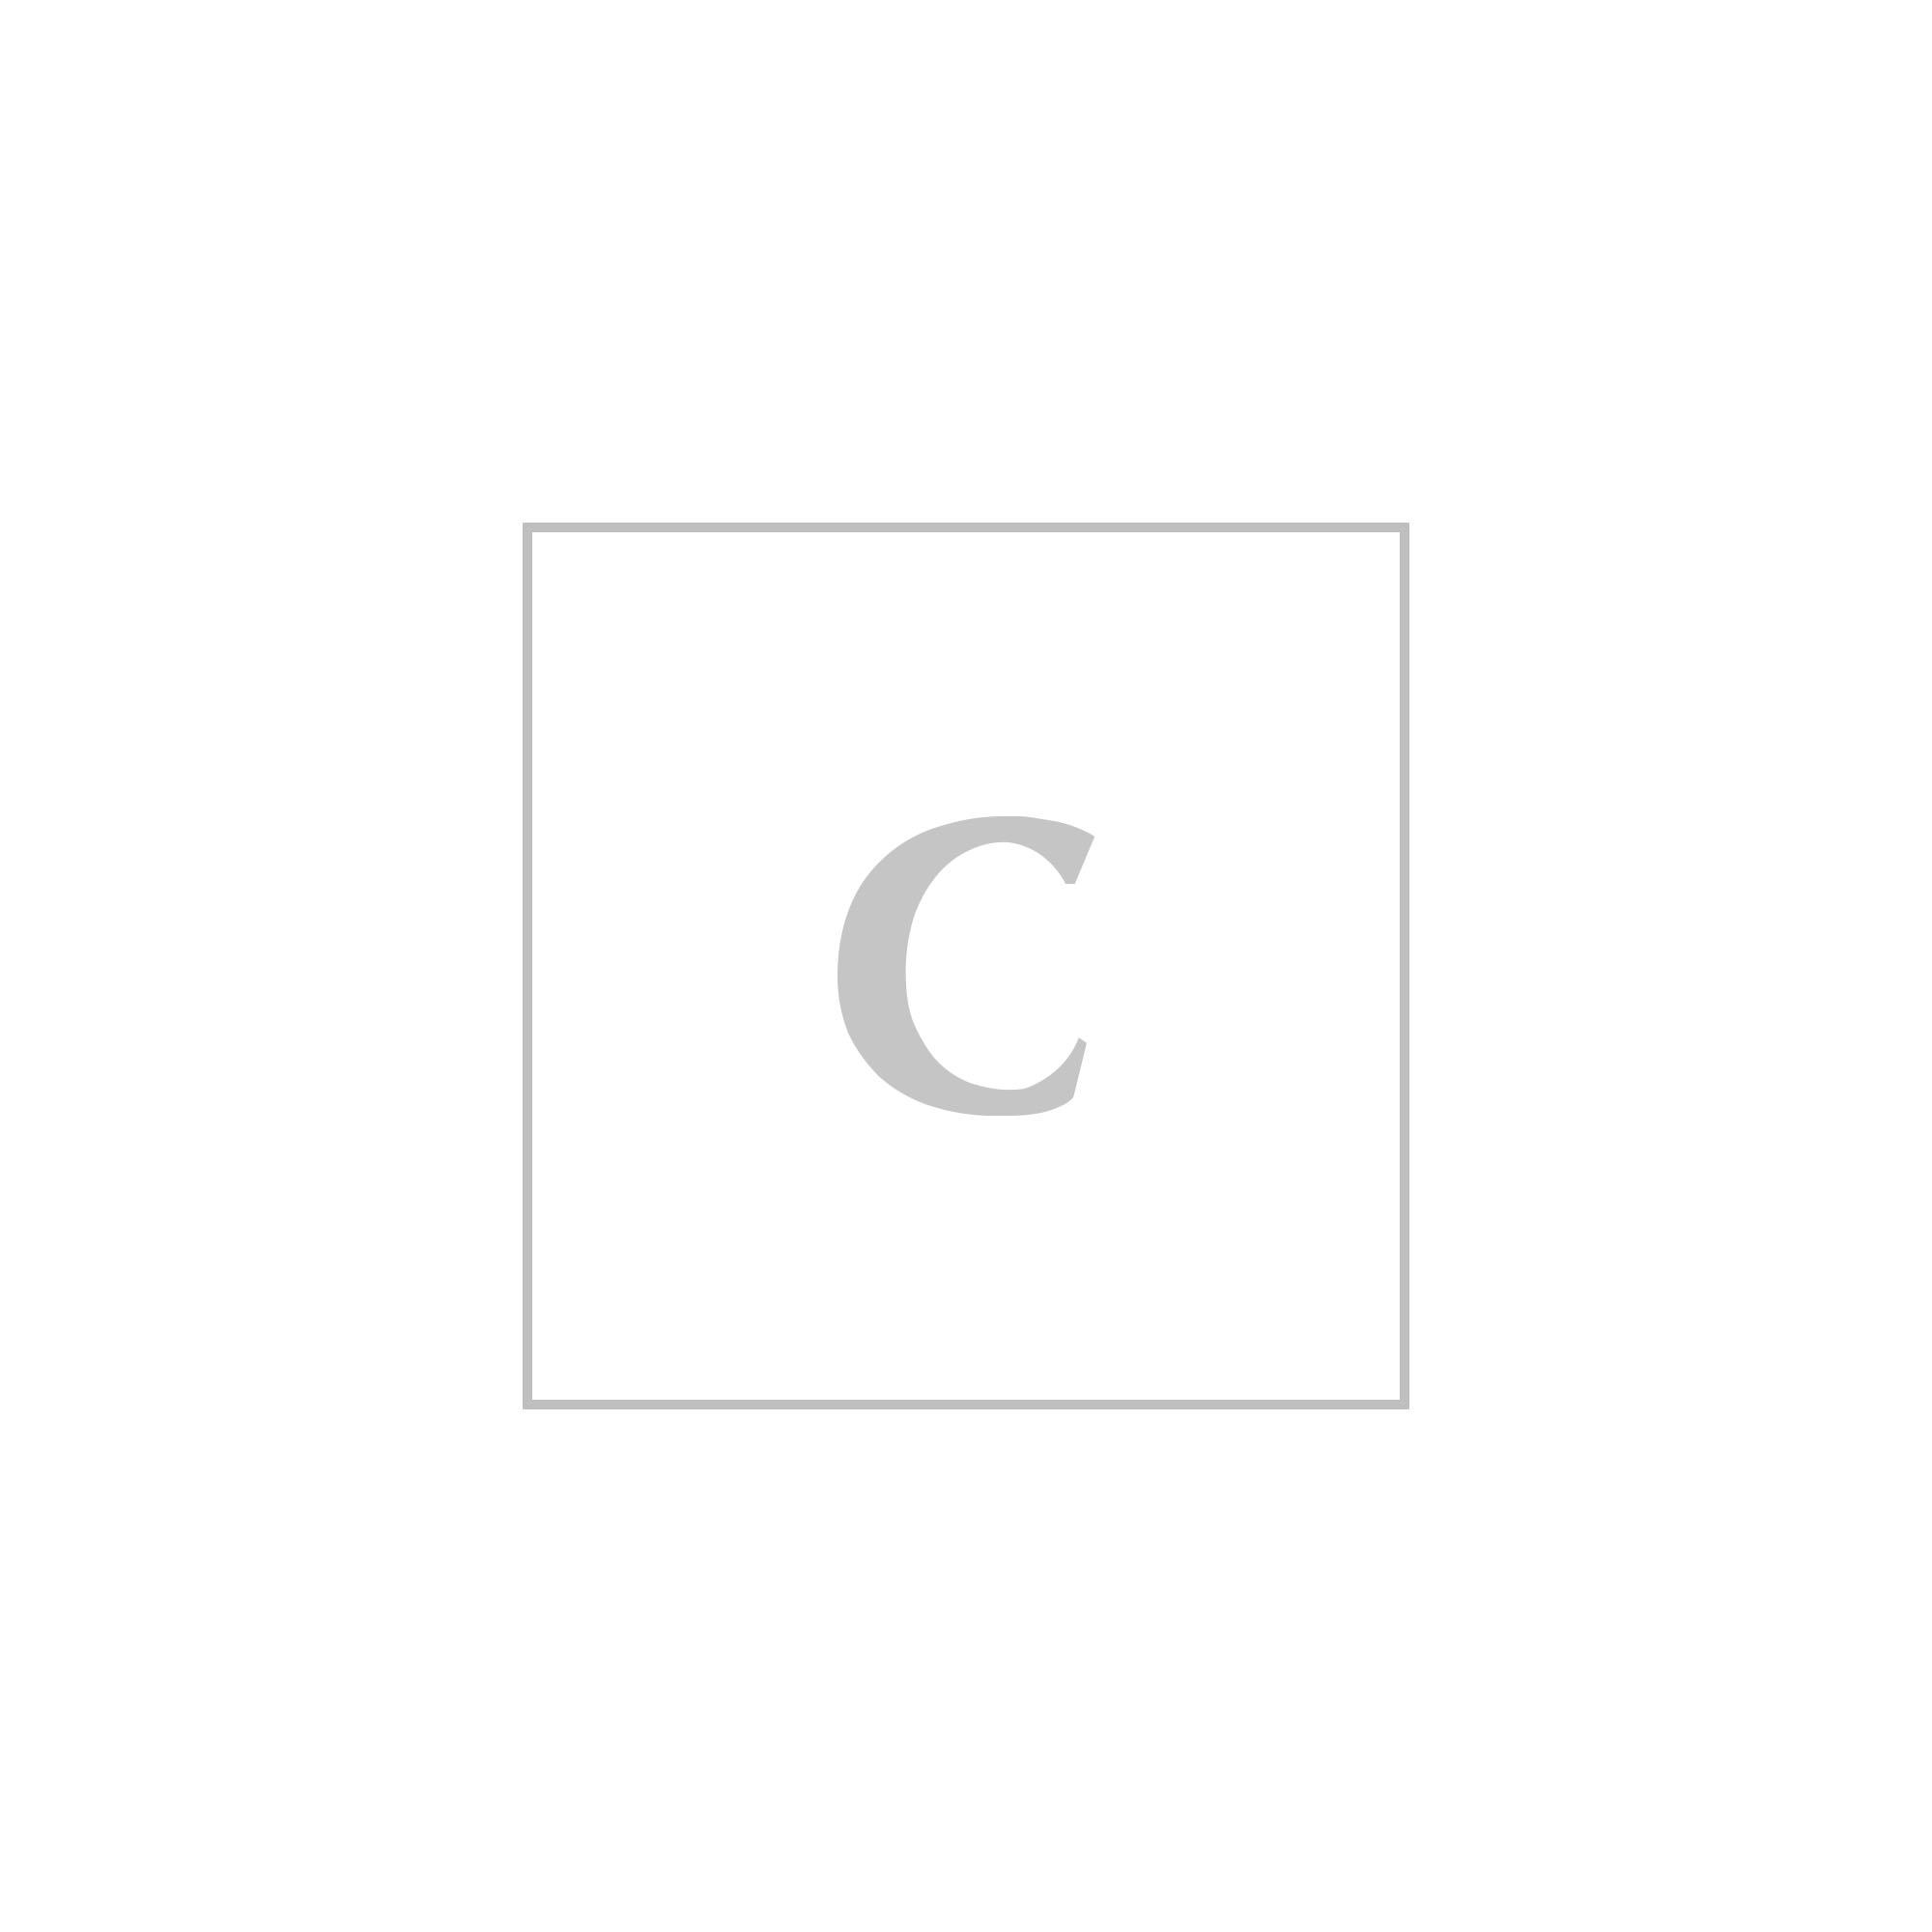 81825a3cf30f3 Sweaters Stella Mccartney for Women Pale Pink Ciel